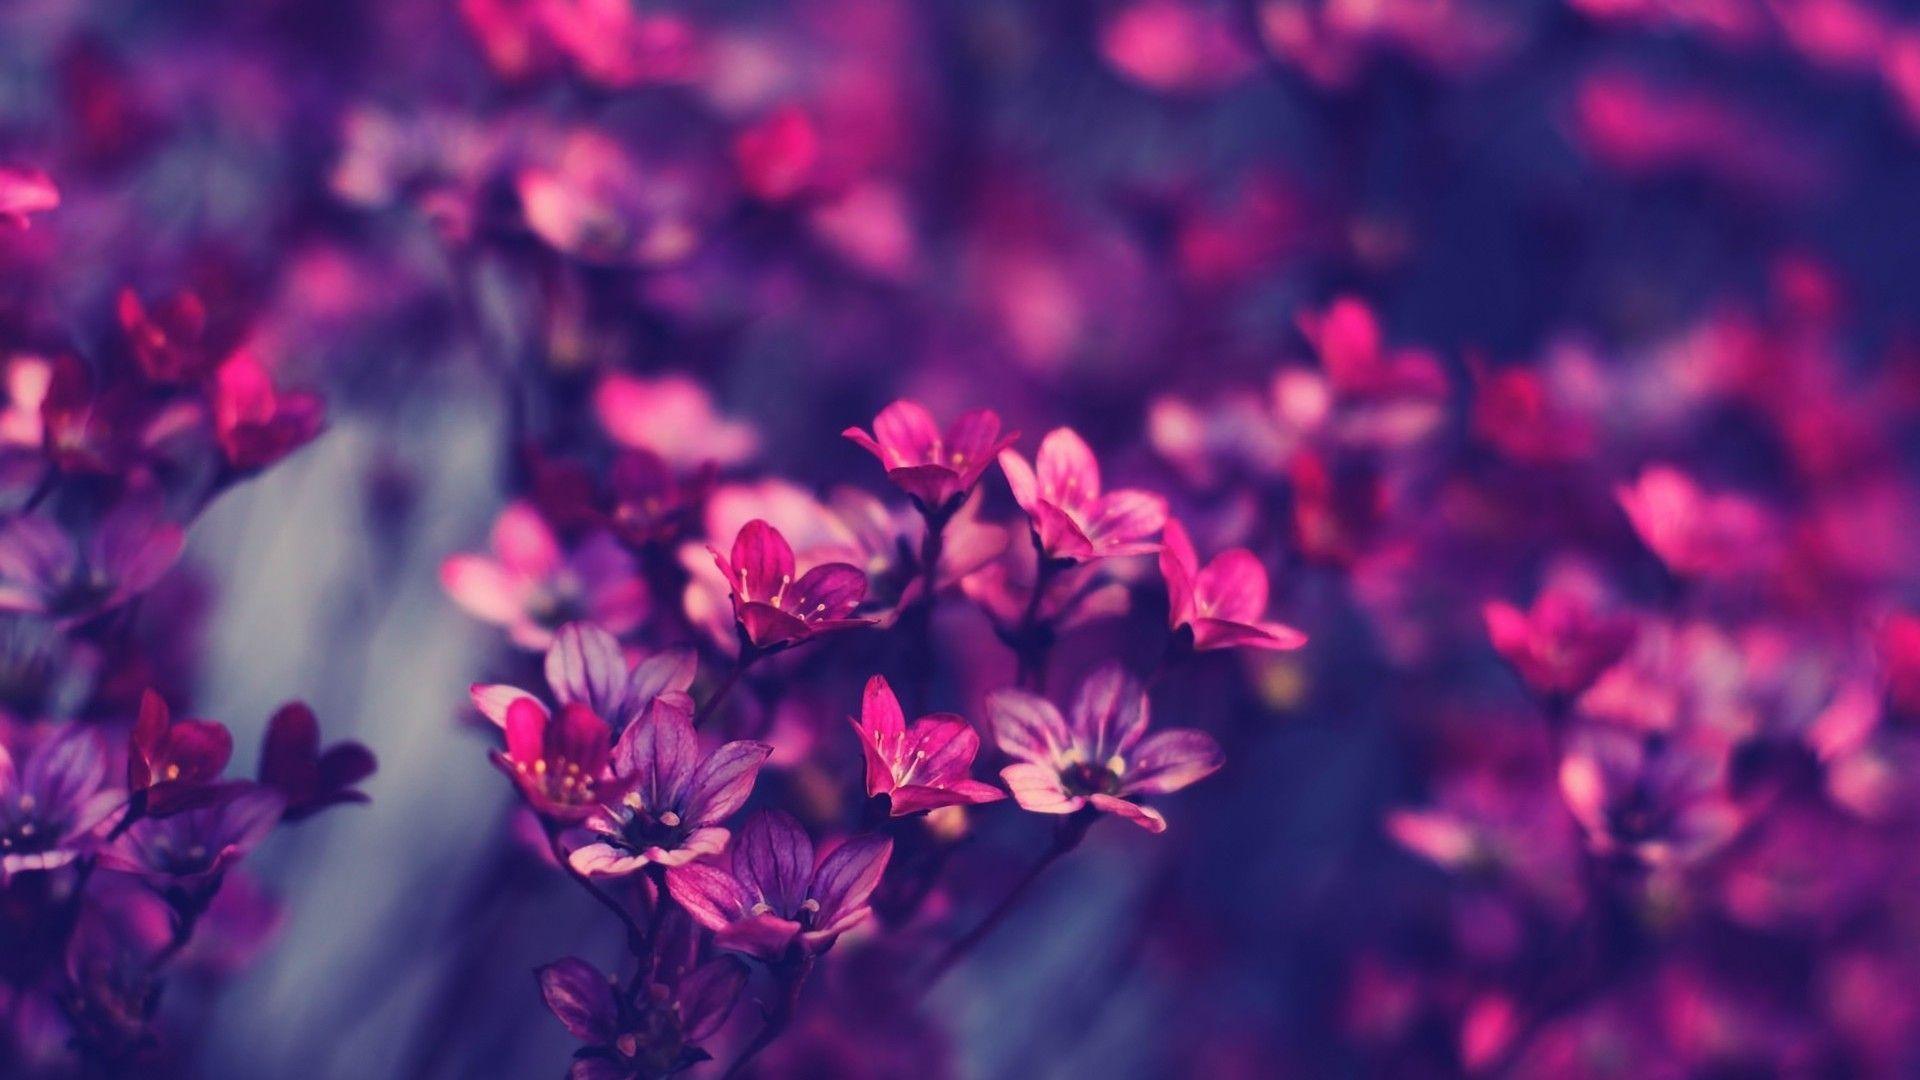 лучшие широкоформатные обои для рабочего стола цветы